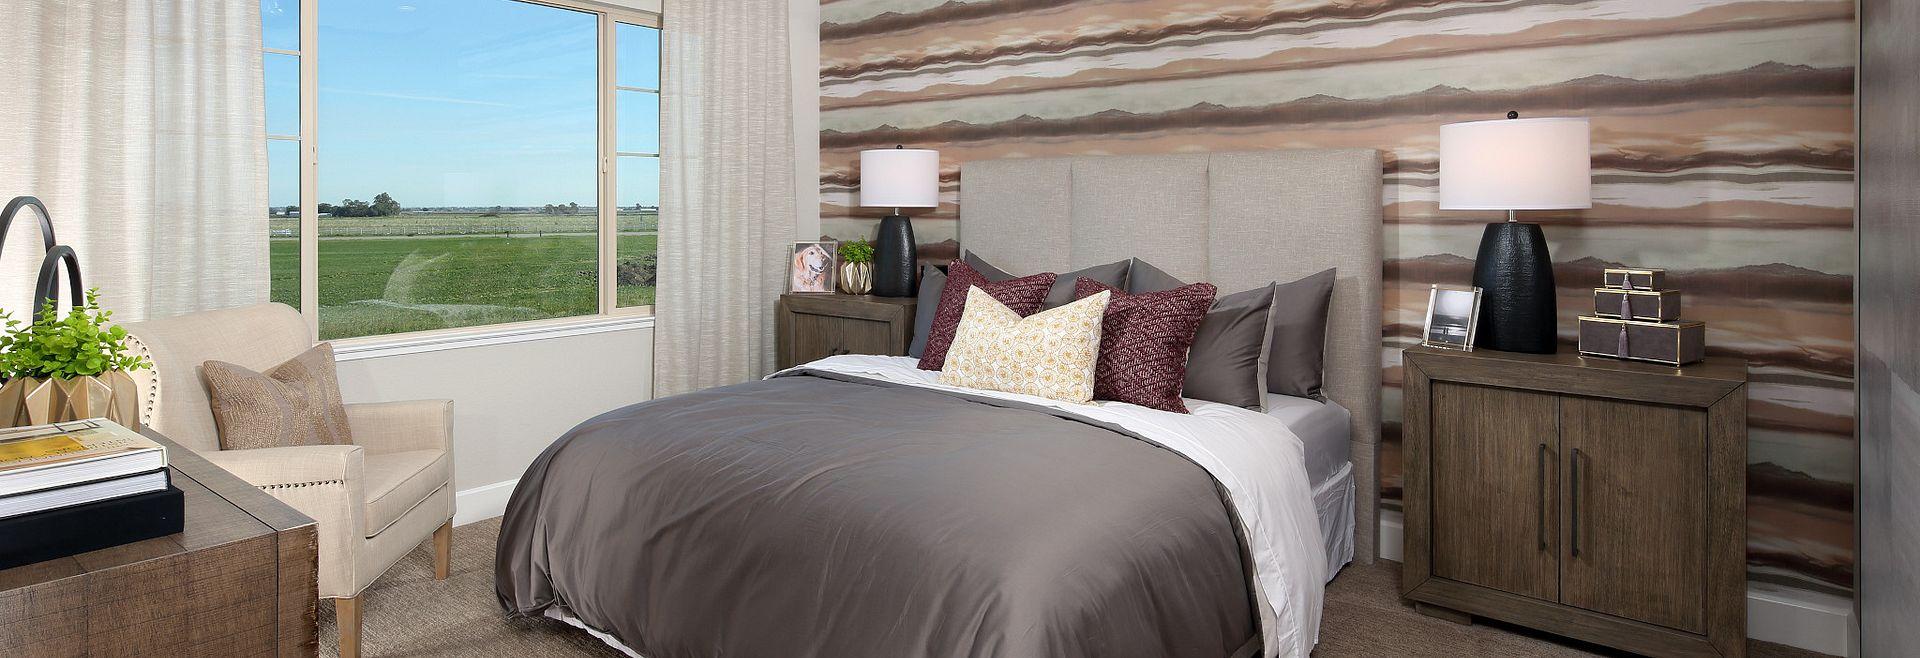 Plan 5 Master Bedroom